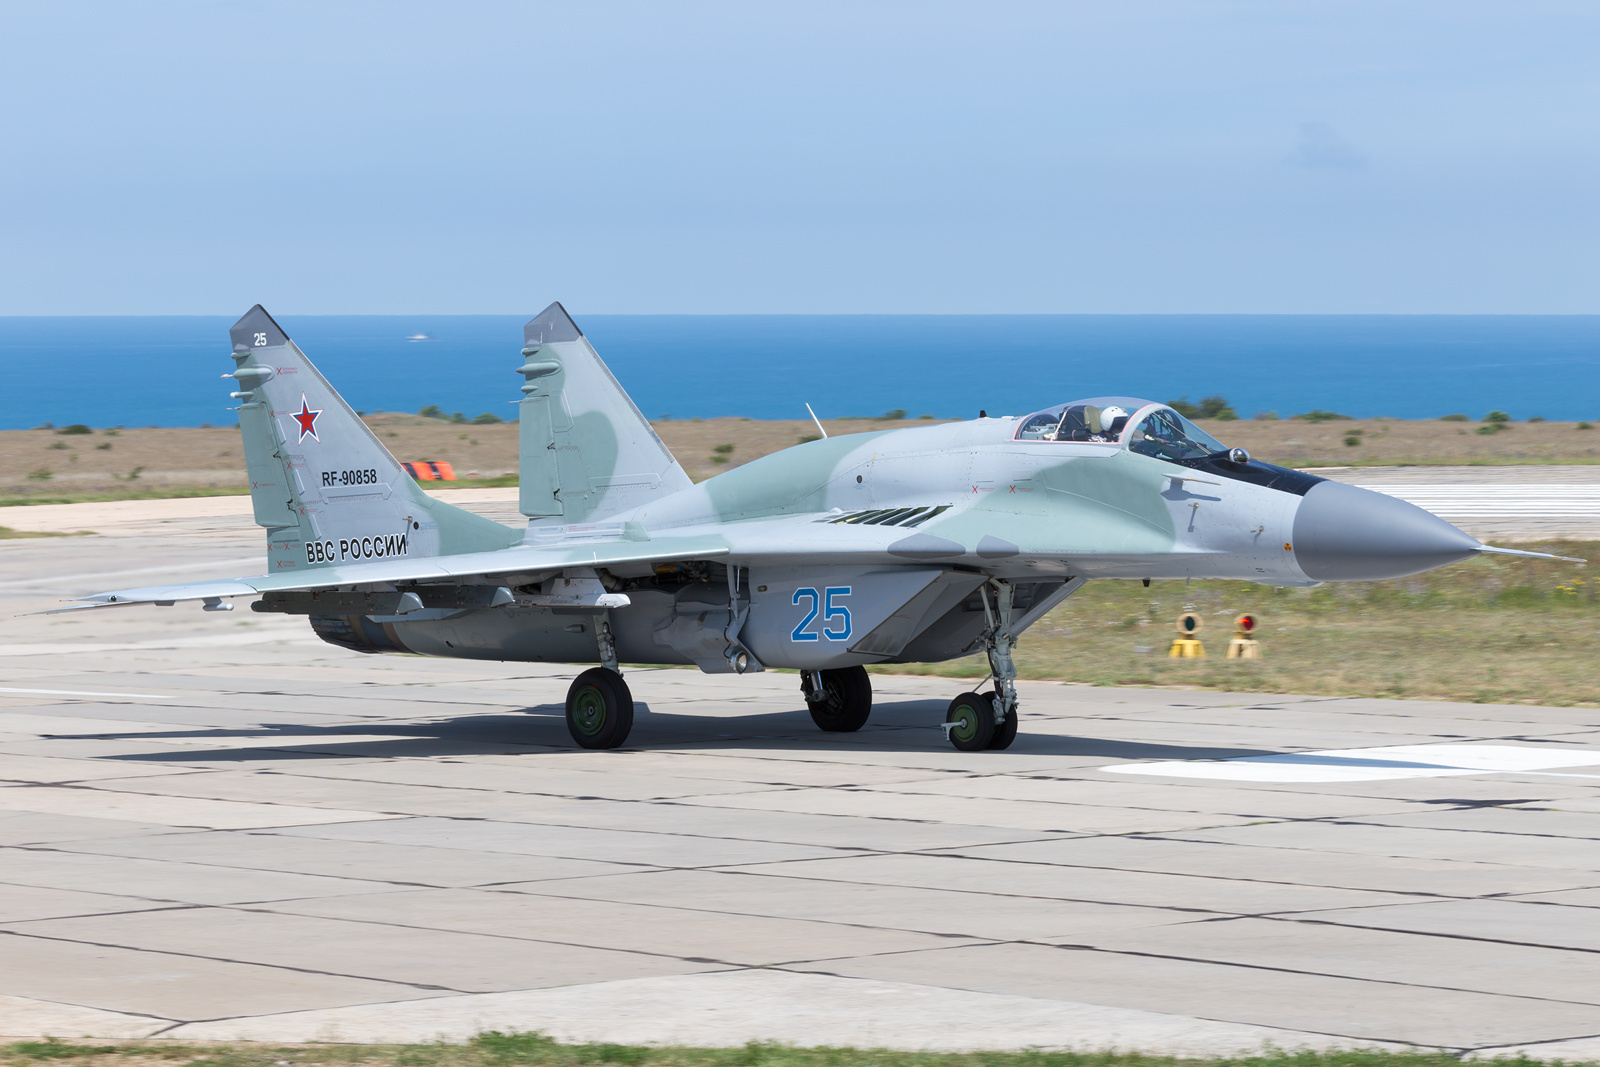 ruski MiG-29SMTR 25 plavi Belbek Krim